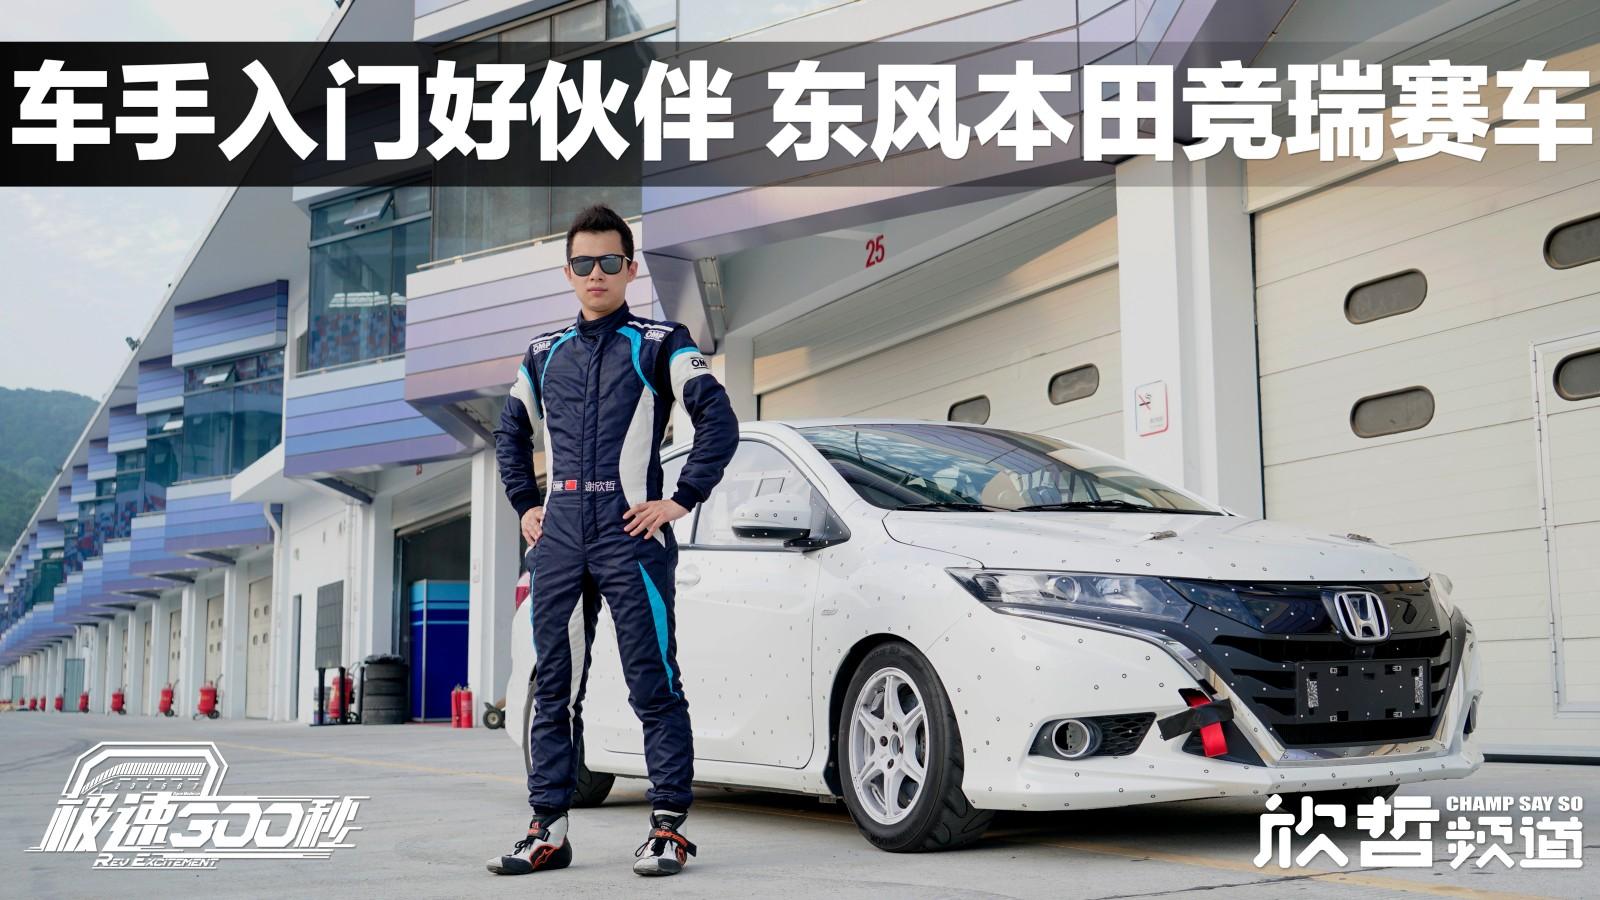 极速300秒 | 车手入门好伙伴 东风本田竞瑞赛车视频